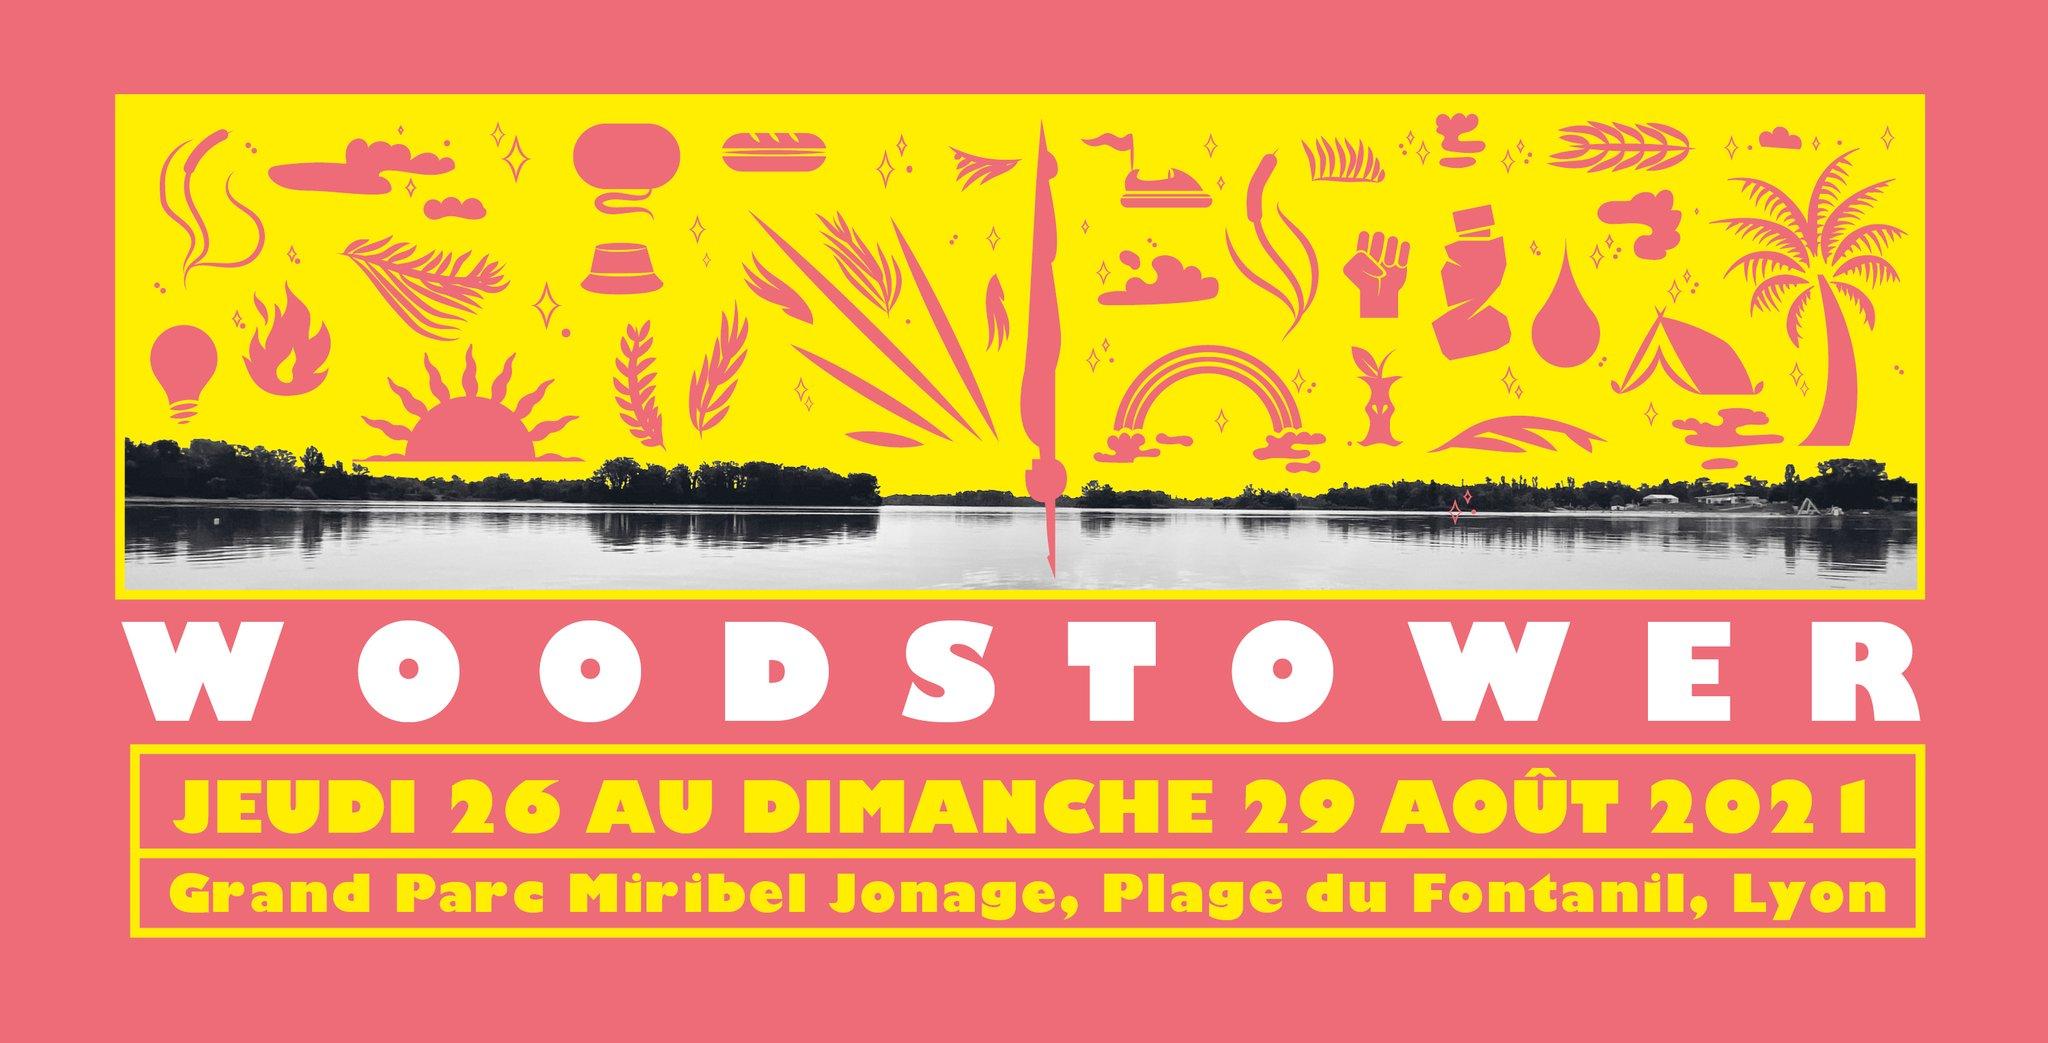 Le Festival Woodstower vous donne rendez-vous cet été du jeudi 26 au dimanche 29 août 2021